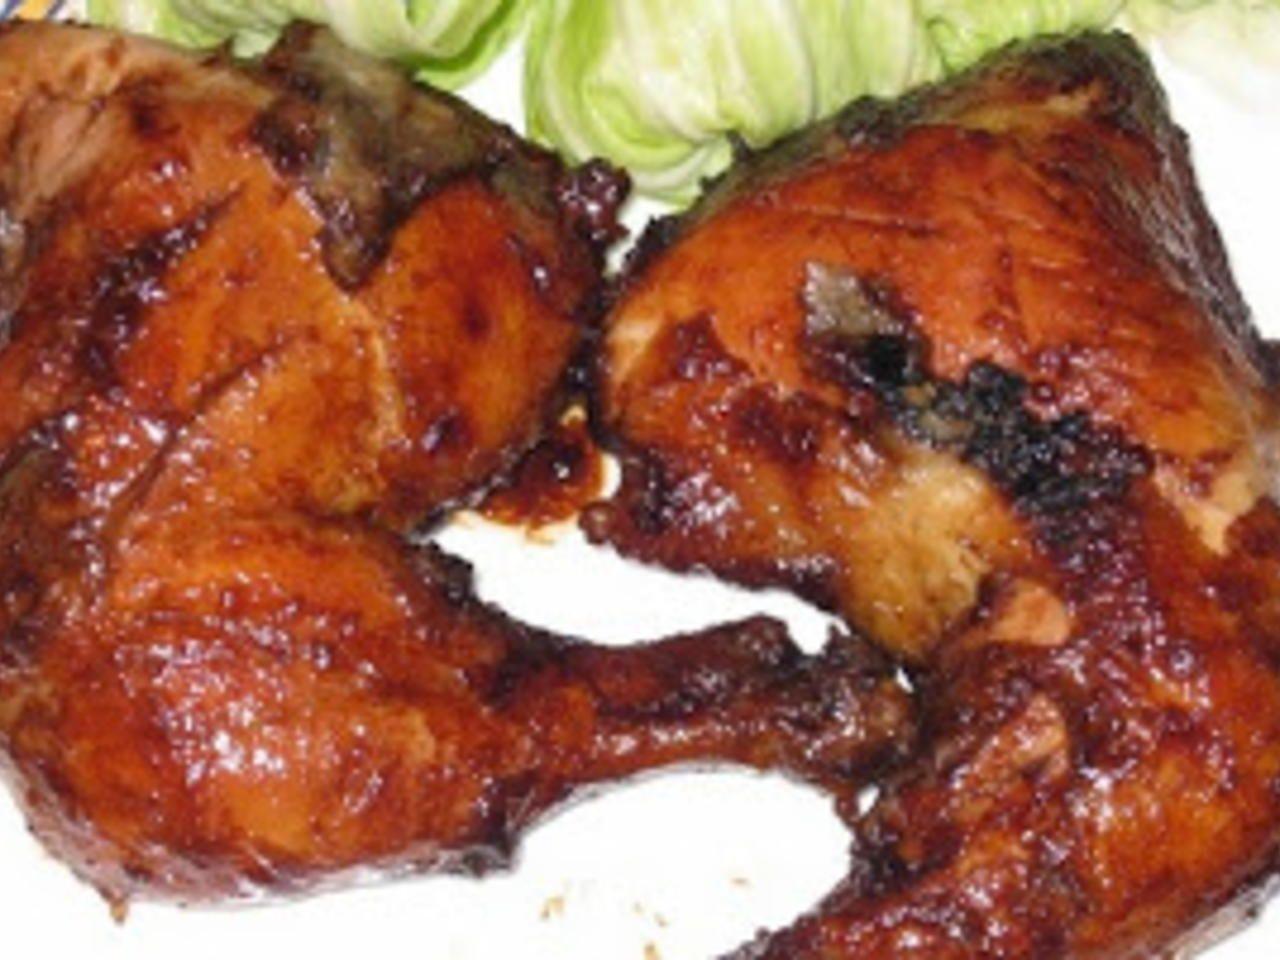 Resep Ayam Bekakak Khas Sunda Ayam Bakar Bumbu Santan Pedas Manis Gurih Resep Ayam Makanan Resep Ayam